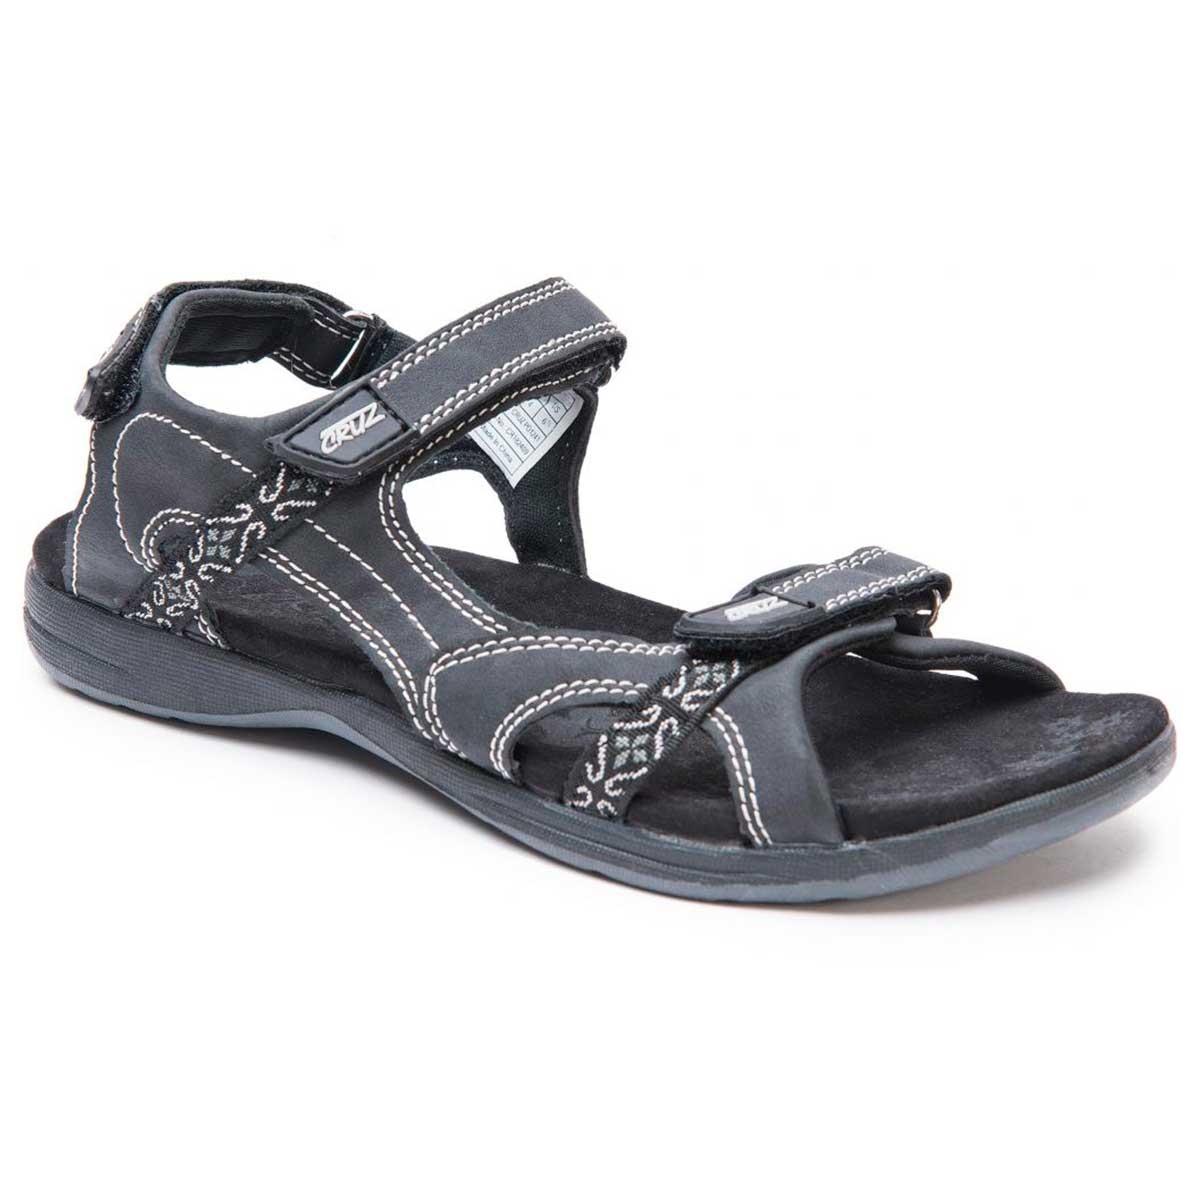 903206d8d44 Cruz Urrai W Sandal sandaler til dame i sort